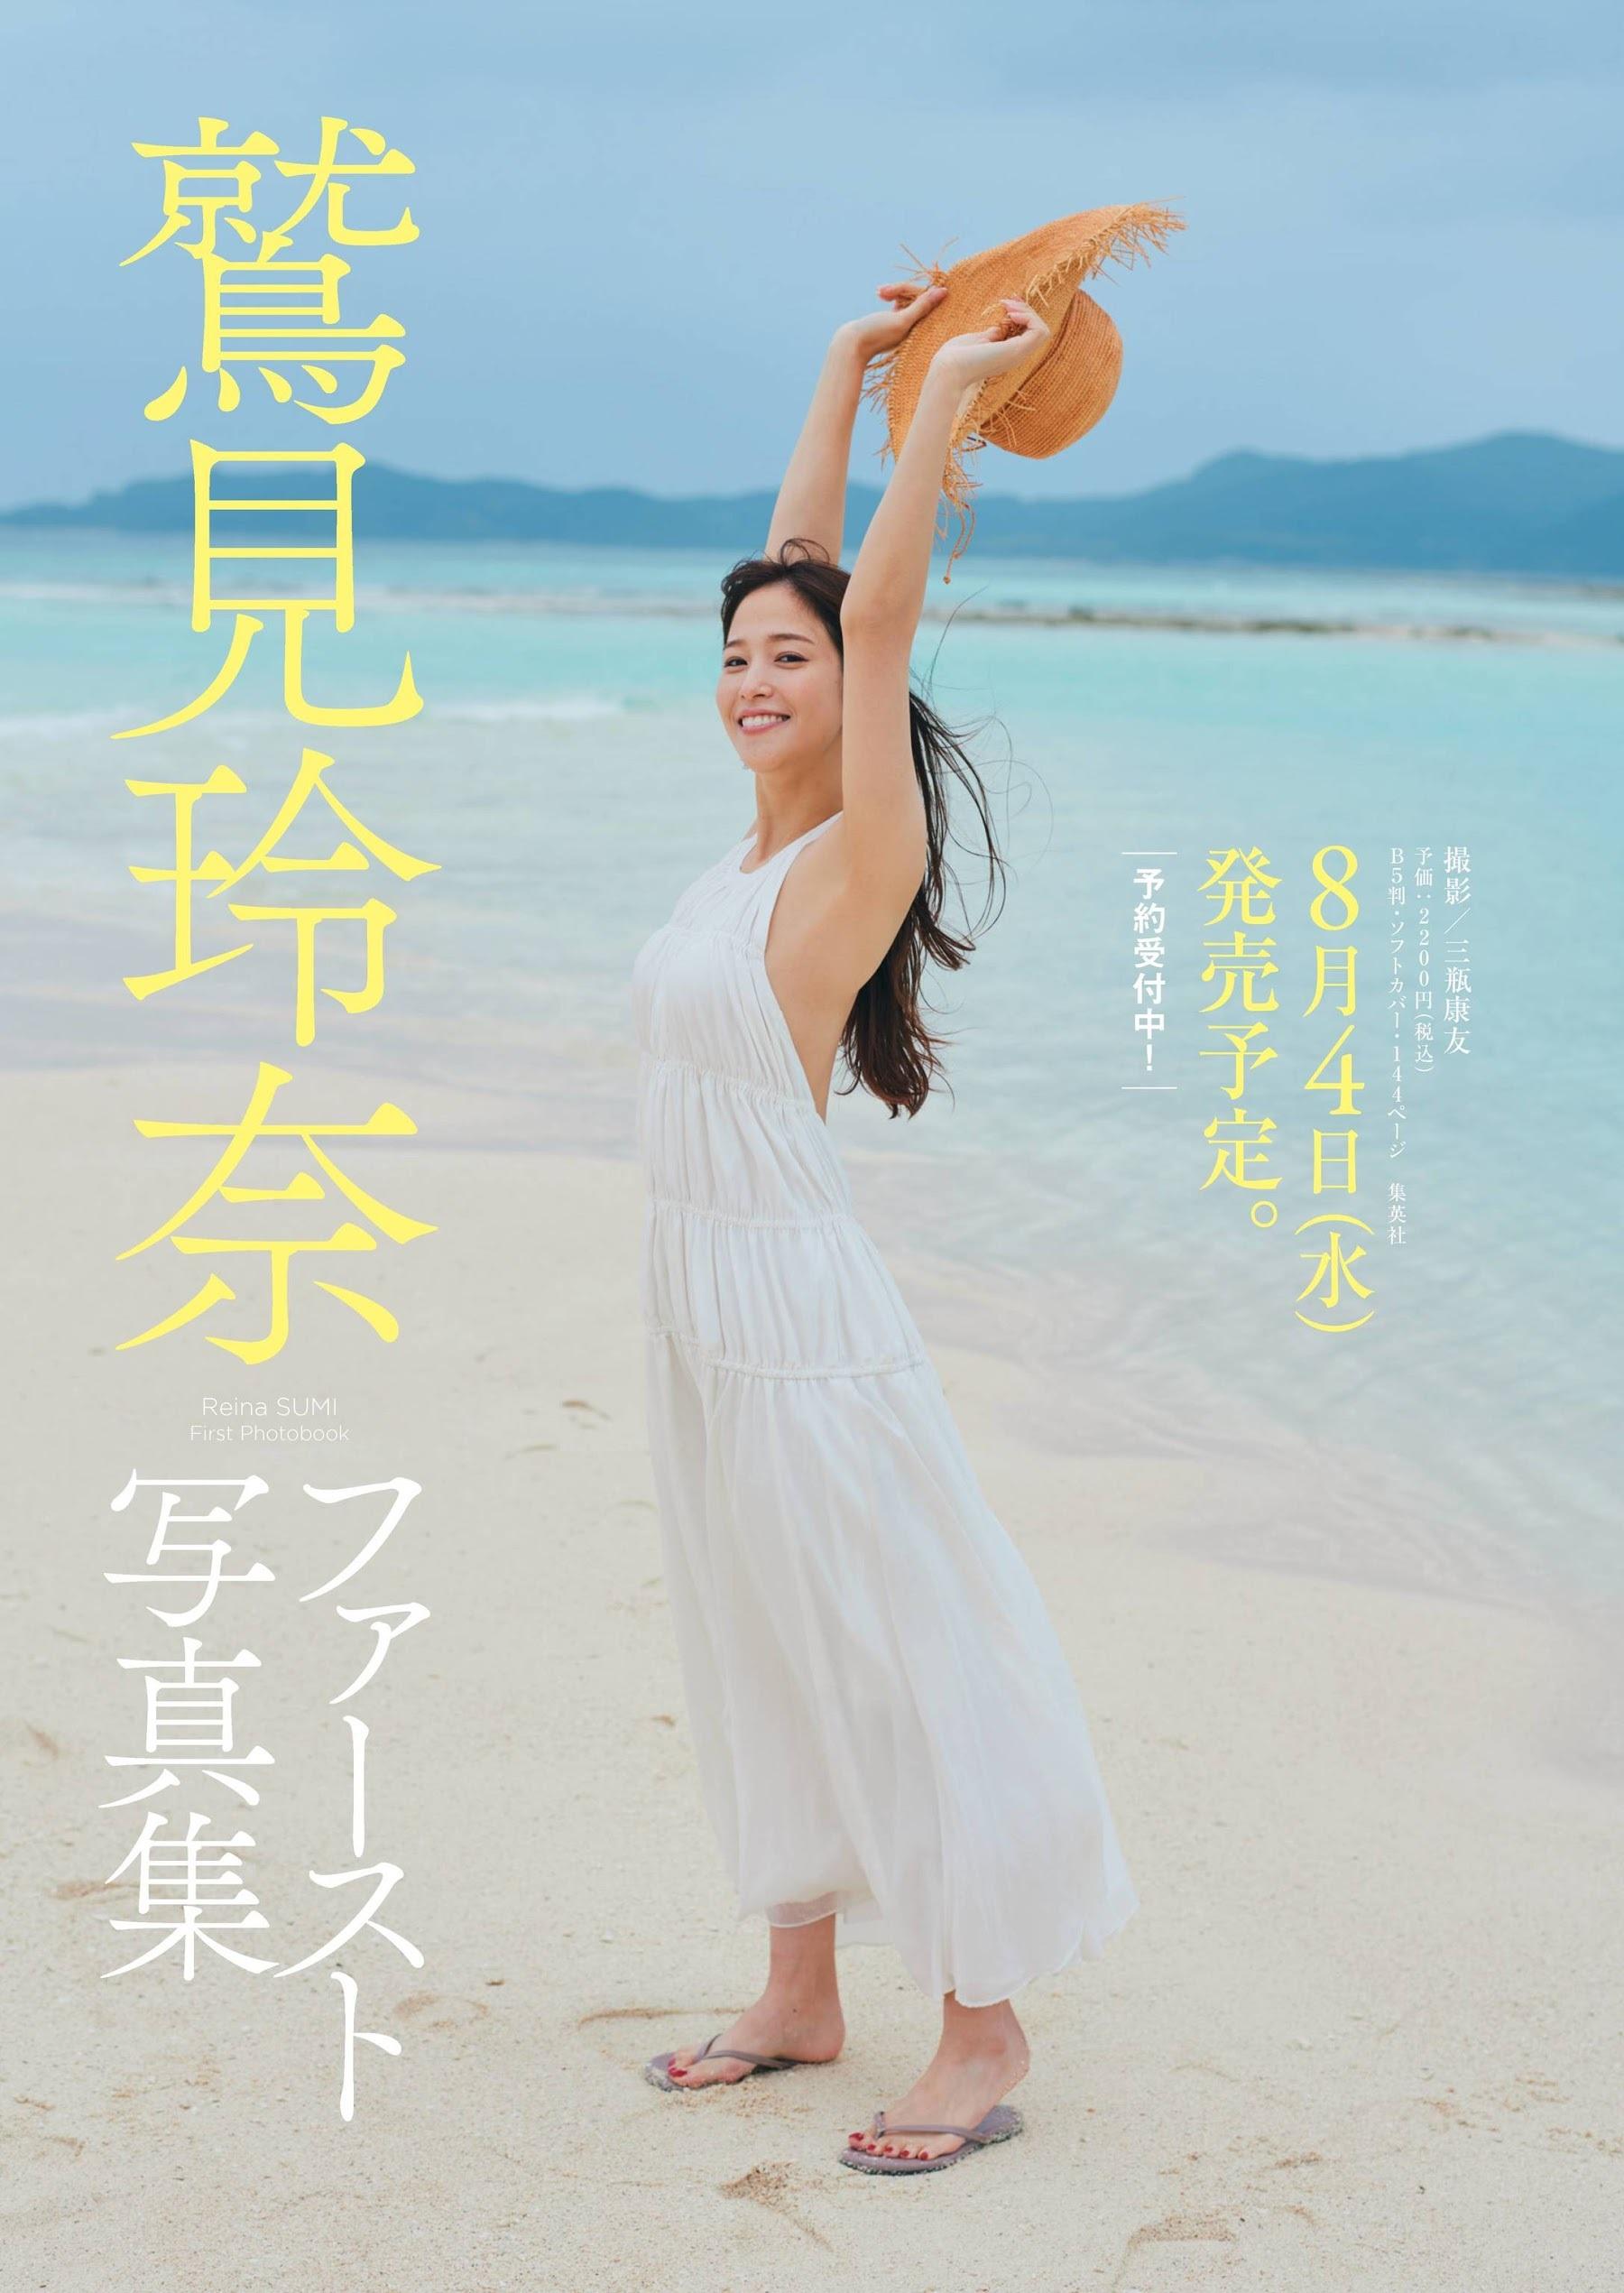 松本真理香 樱井音乃 羽柴なつみ-Weekly Playboy 2021第23期 高清套图 第80张